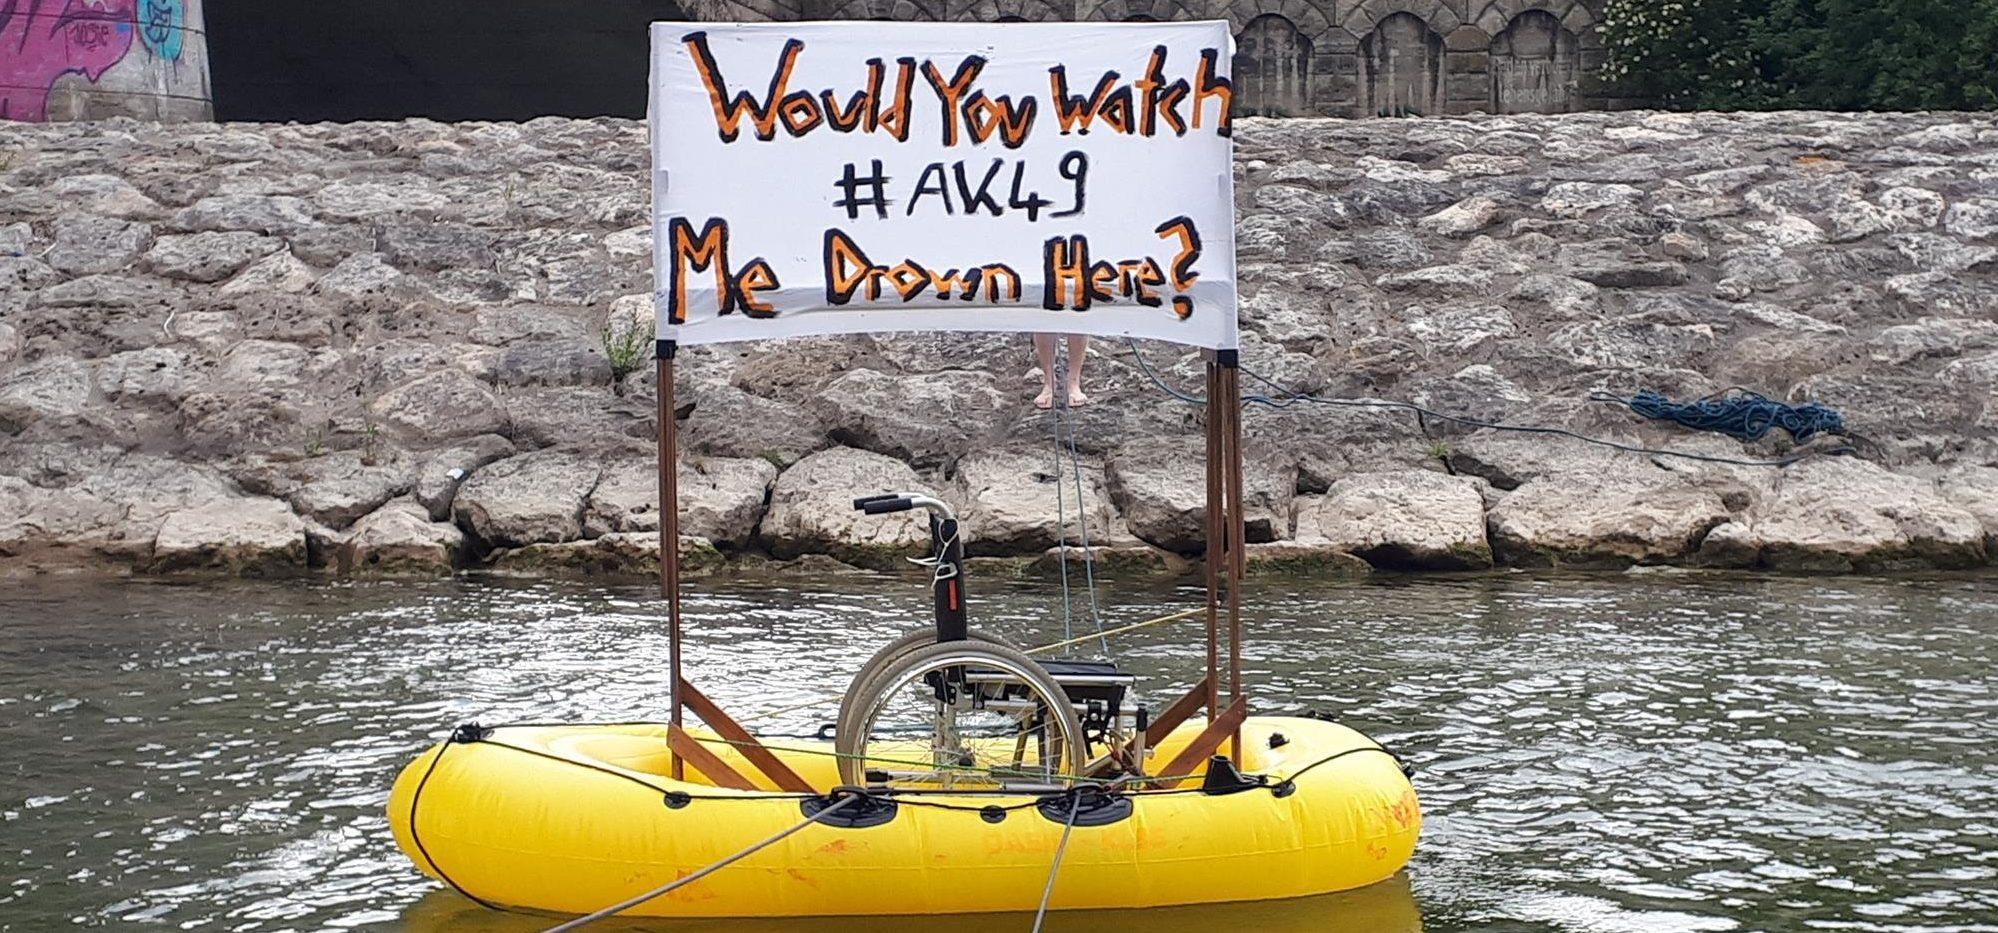 Ein Schlauchboot auf der Isar. Darin ein Rollstuhl.